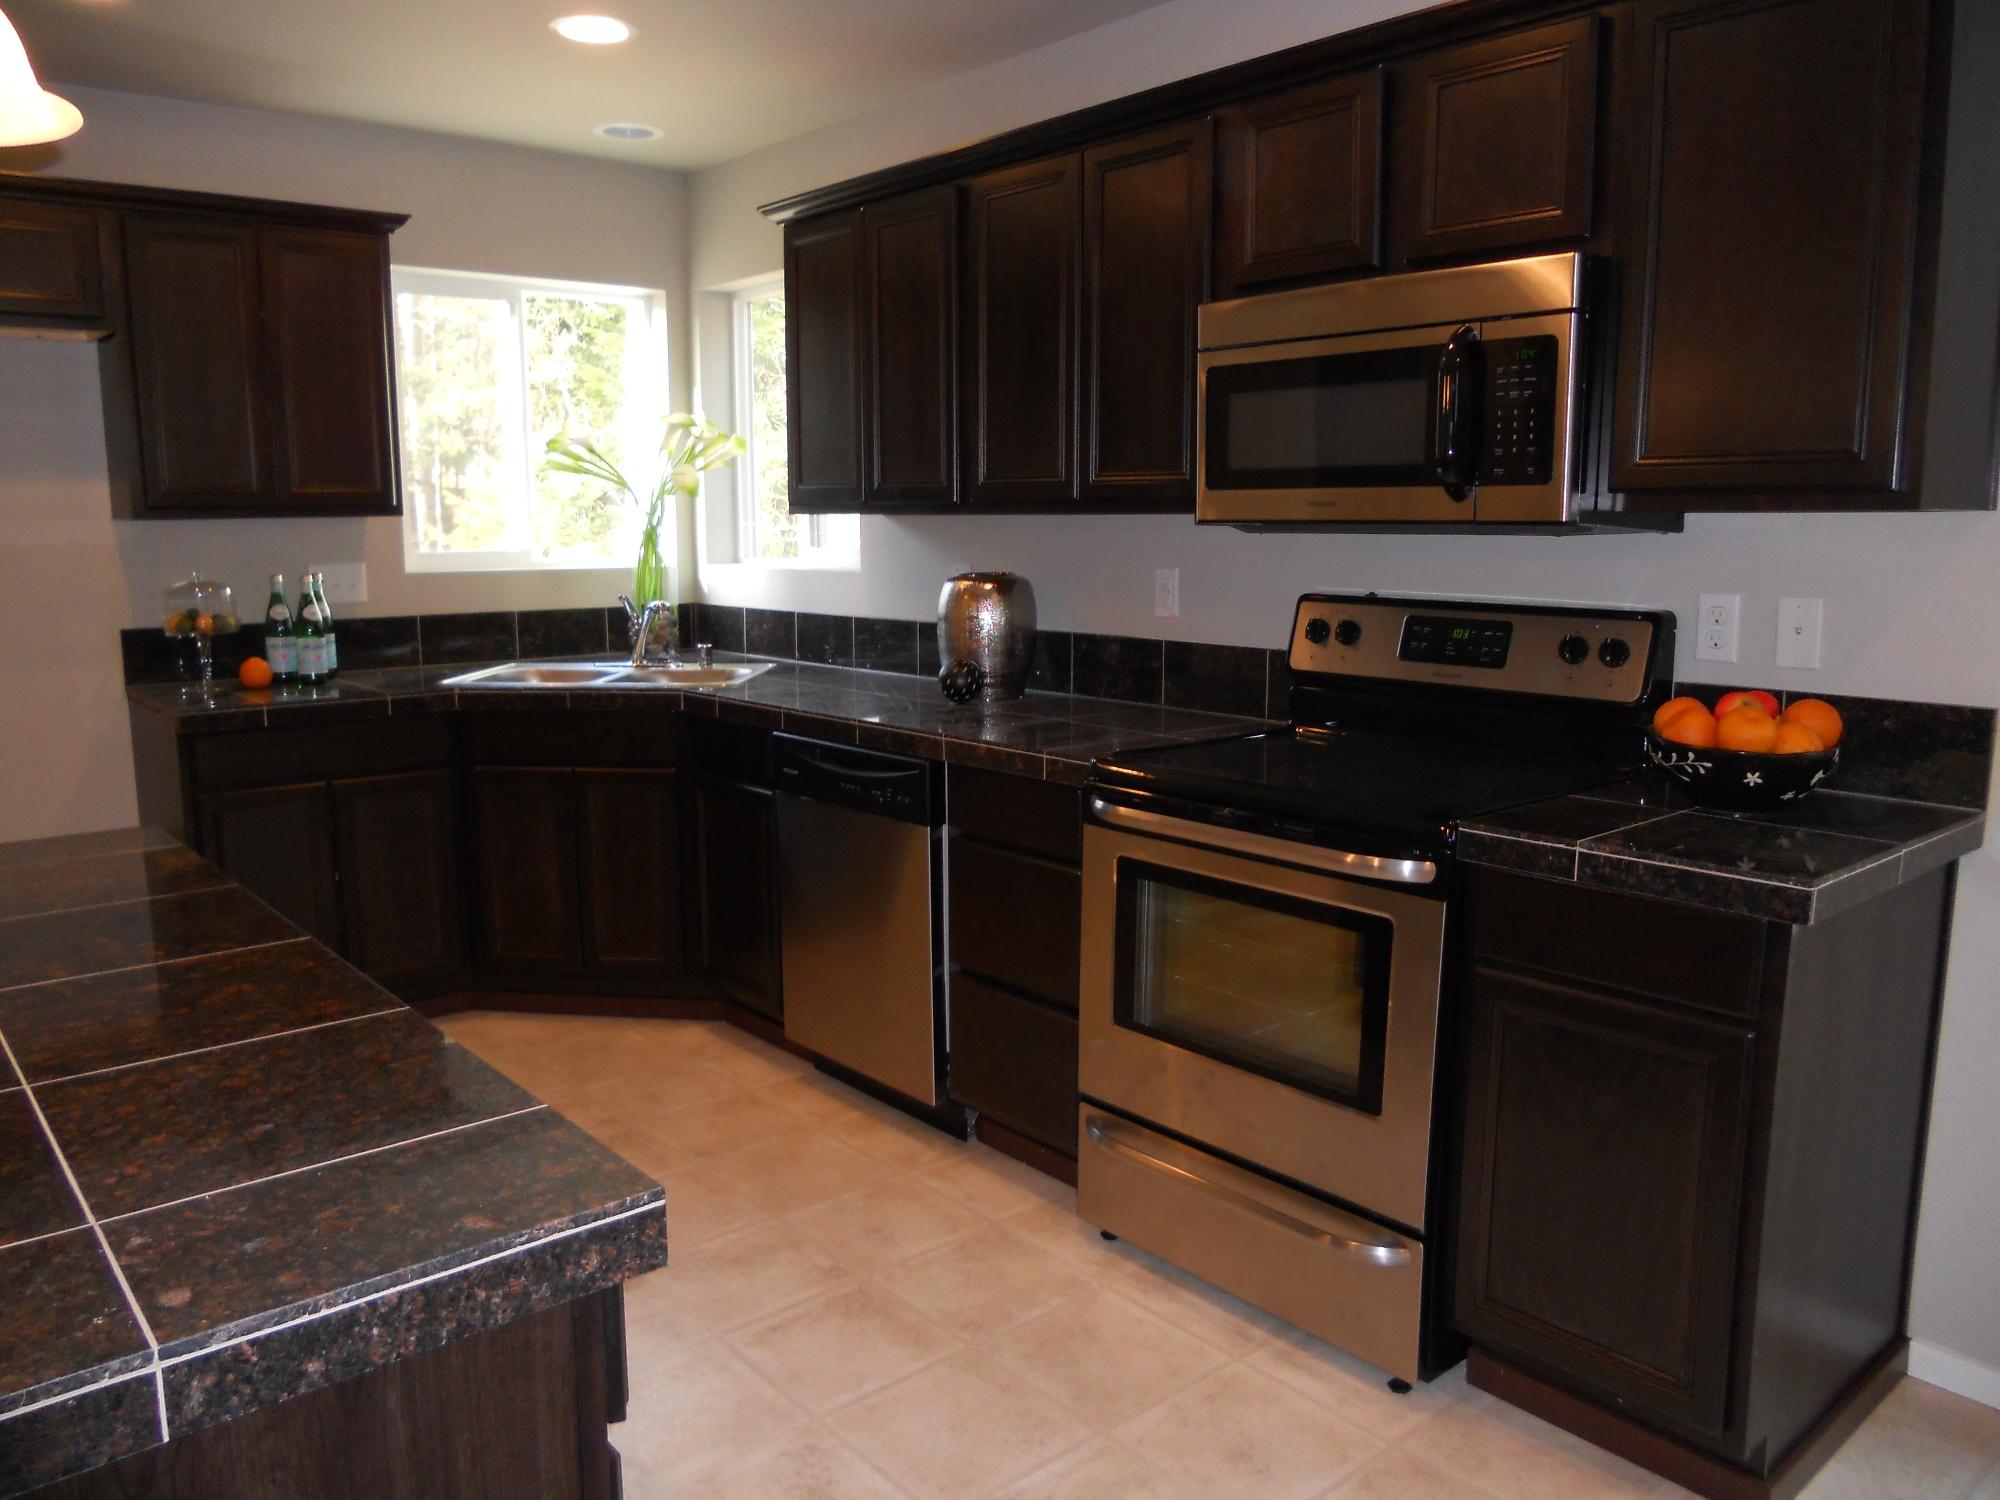 Model Home New Kitchen Design   Regent Homes on Model Kitchen Design Images  id=87460